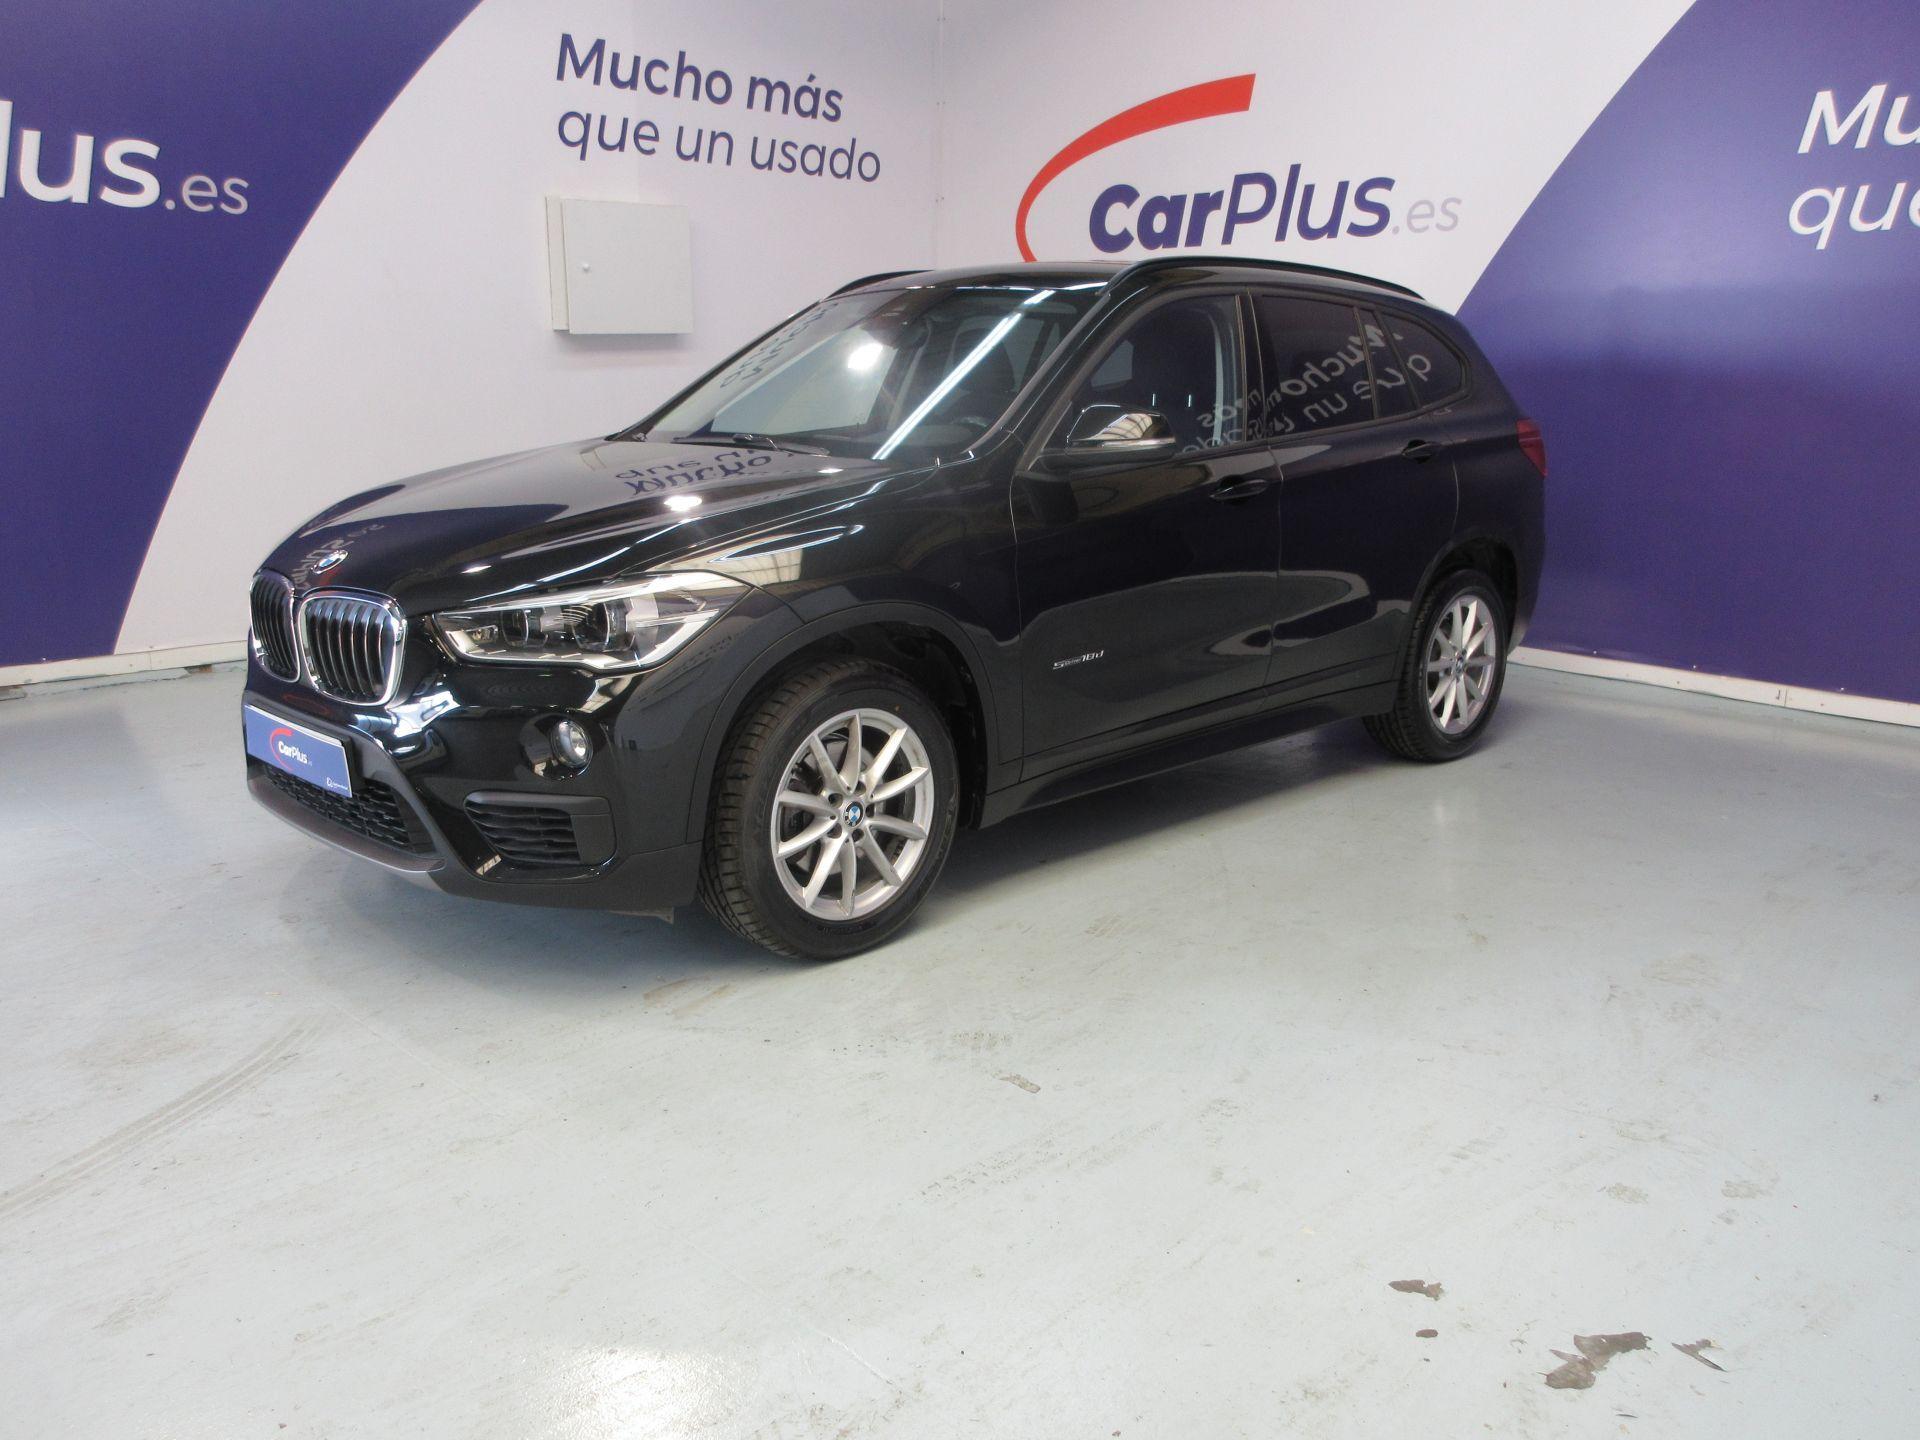 BMW X1 ocasión segunda mano 2017 Diésel por 21.590€ en Madrid